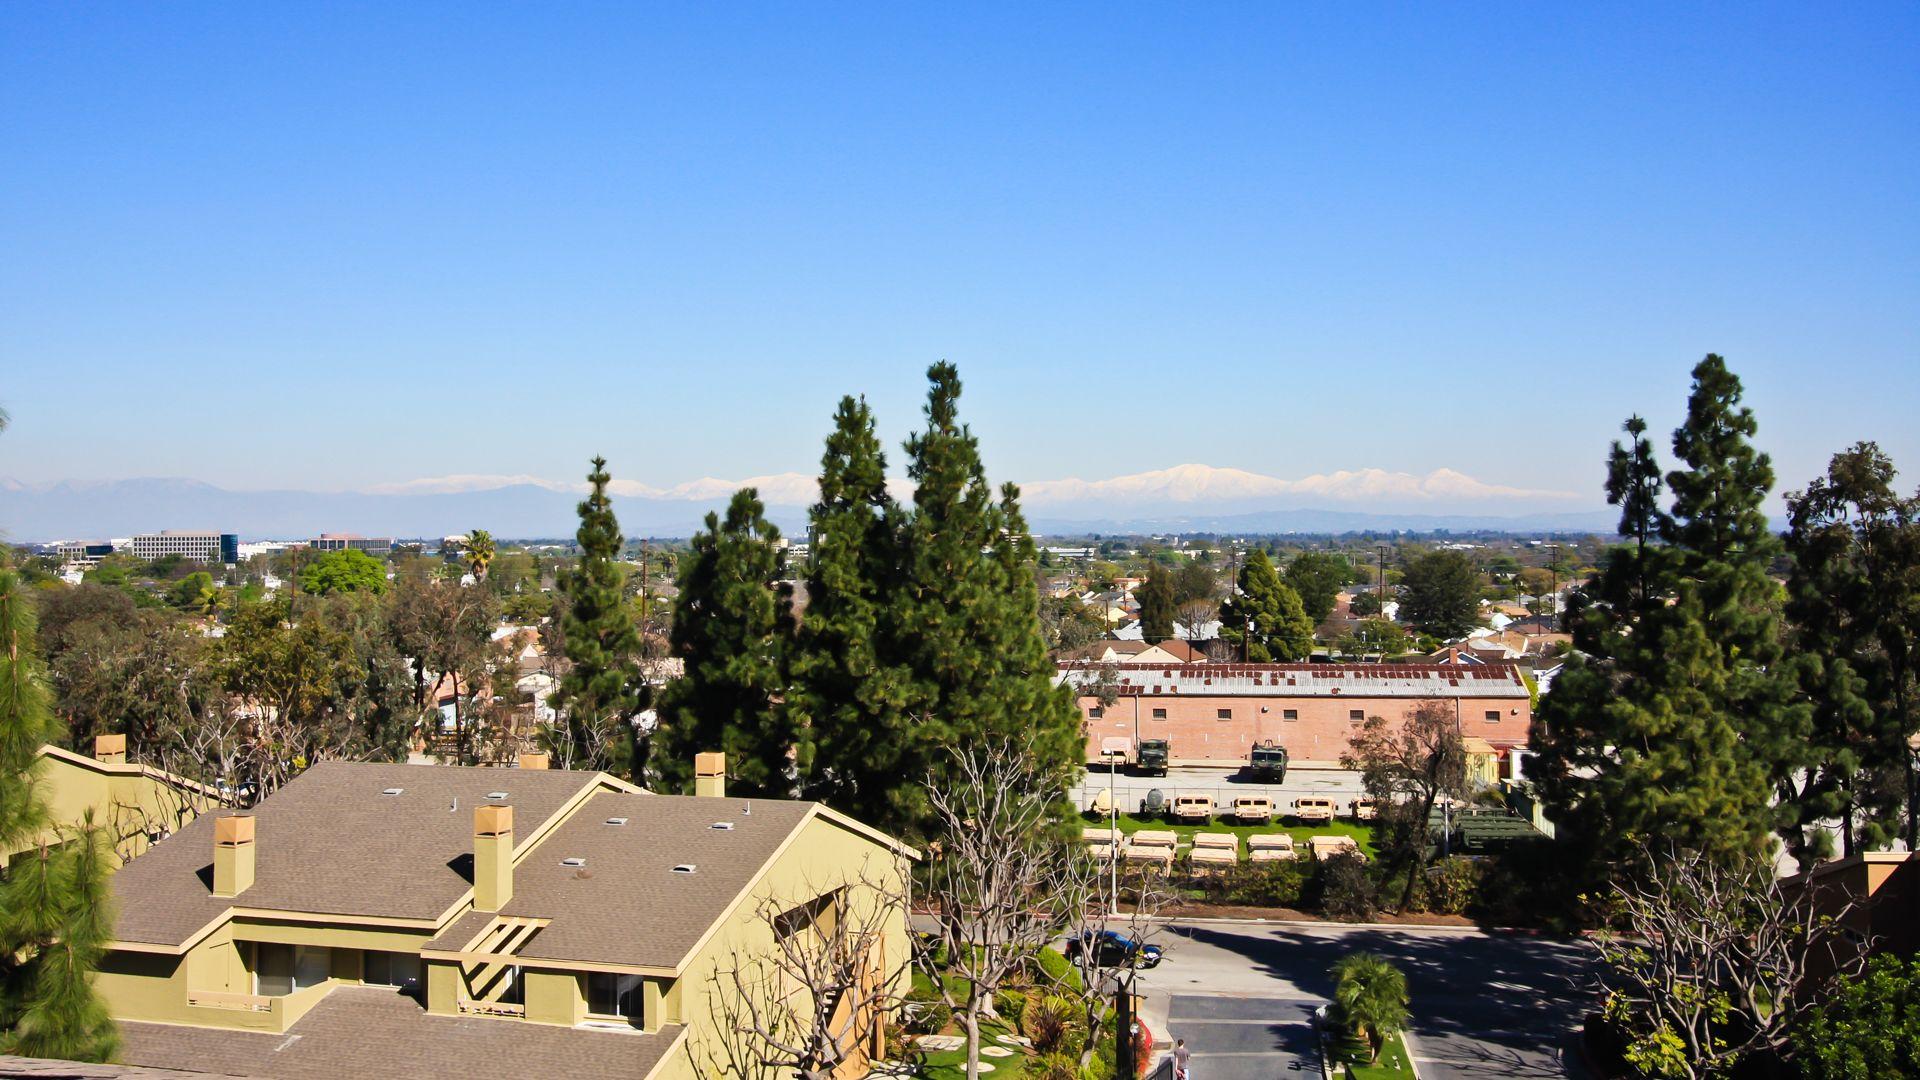 Hathaway Apartments - Views